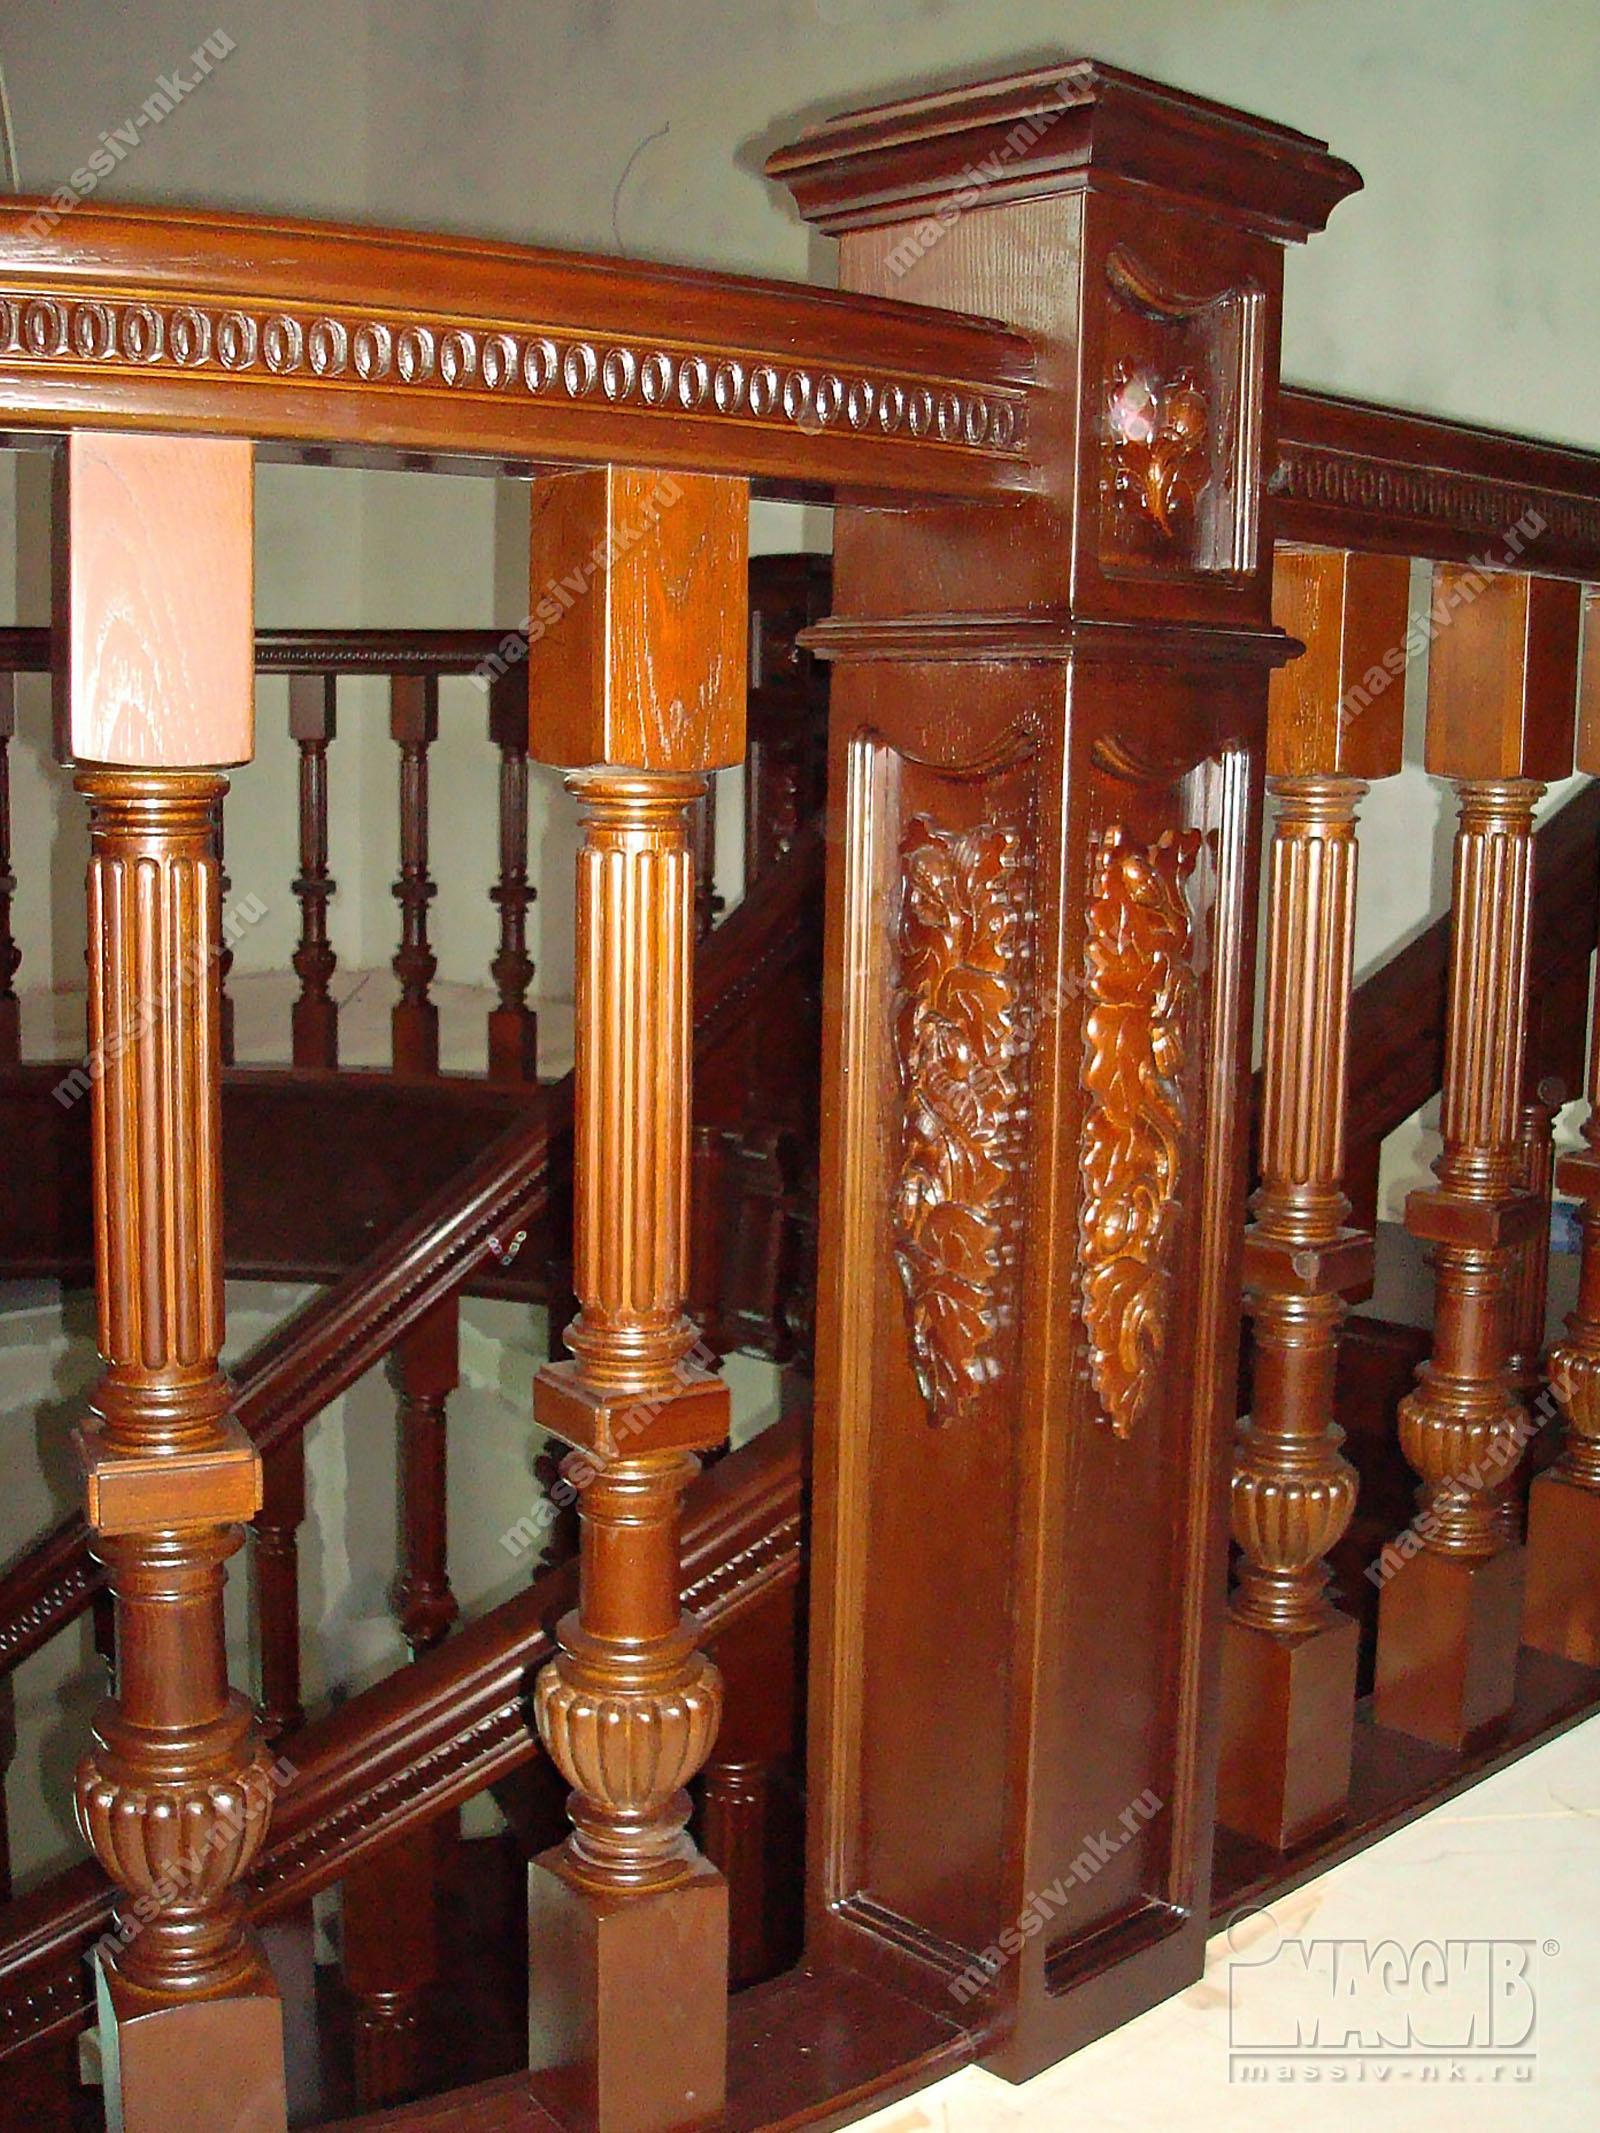 Балясины из бука - Балясины для лестниц из сосны, бука